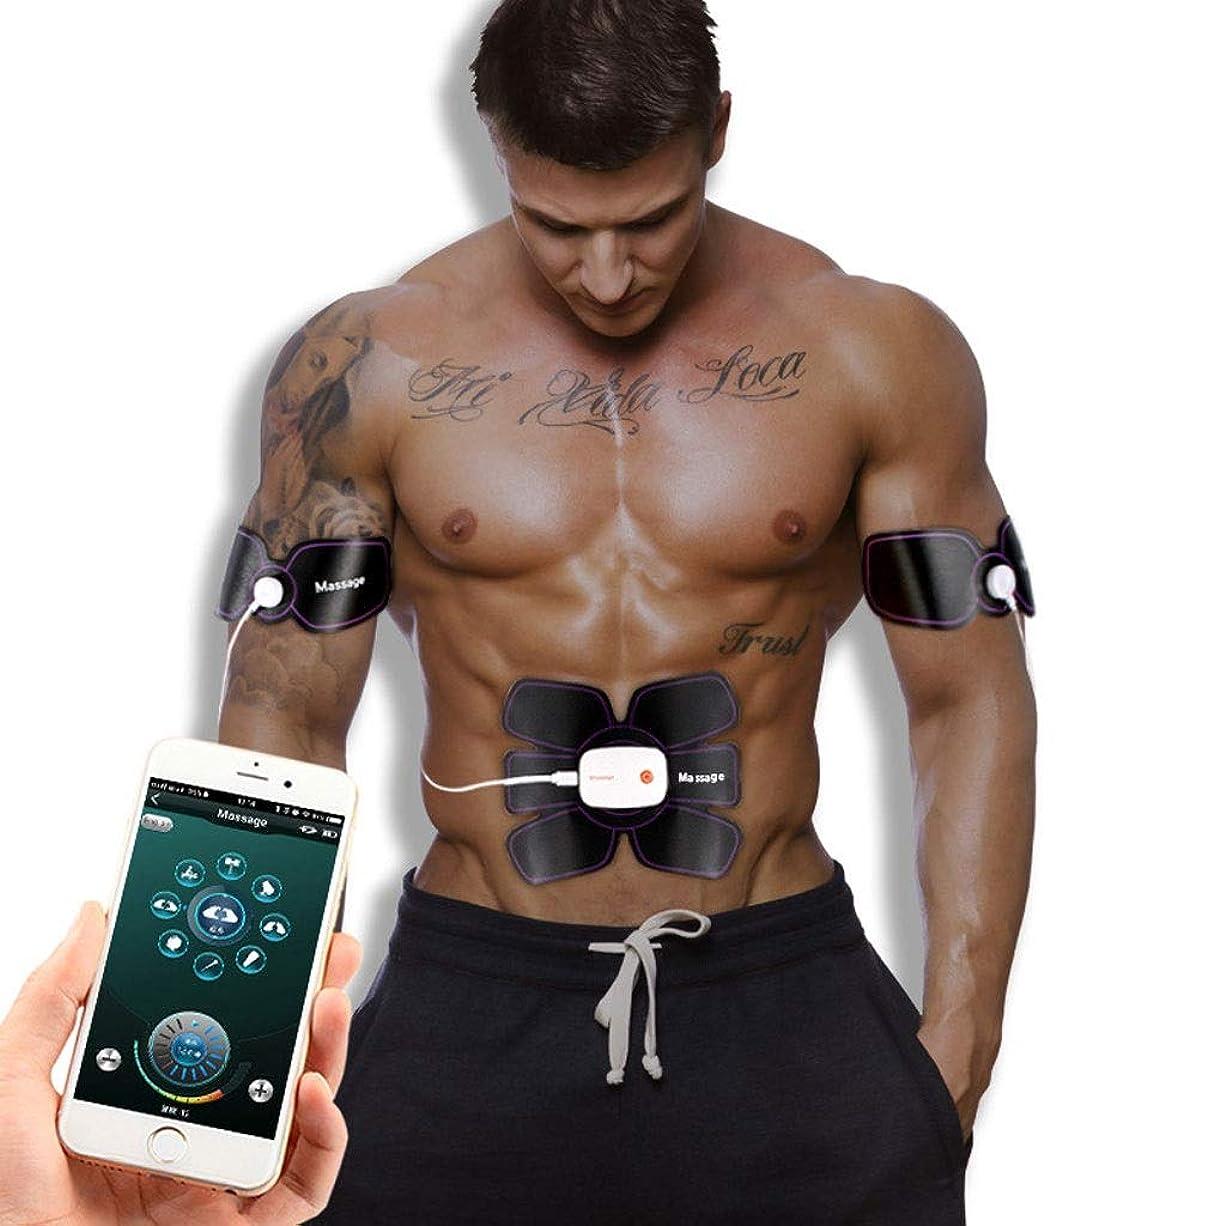 割合一過性見て筋肉刺激装置、EMS腹筋トレーナー腹部ベルトUSB充電式筋肉用トナー腹筋足用腹筋サポートベルト&8モード15レベル男性&女性用